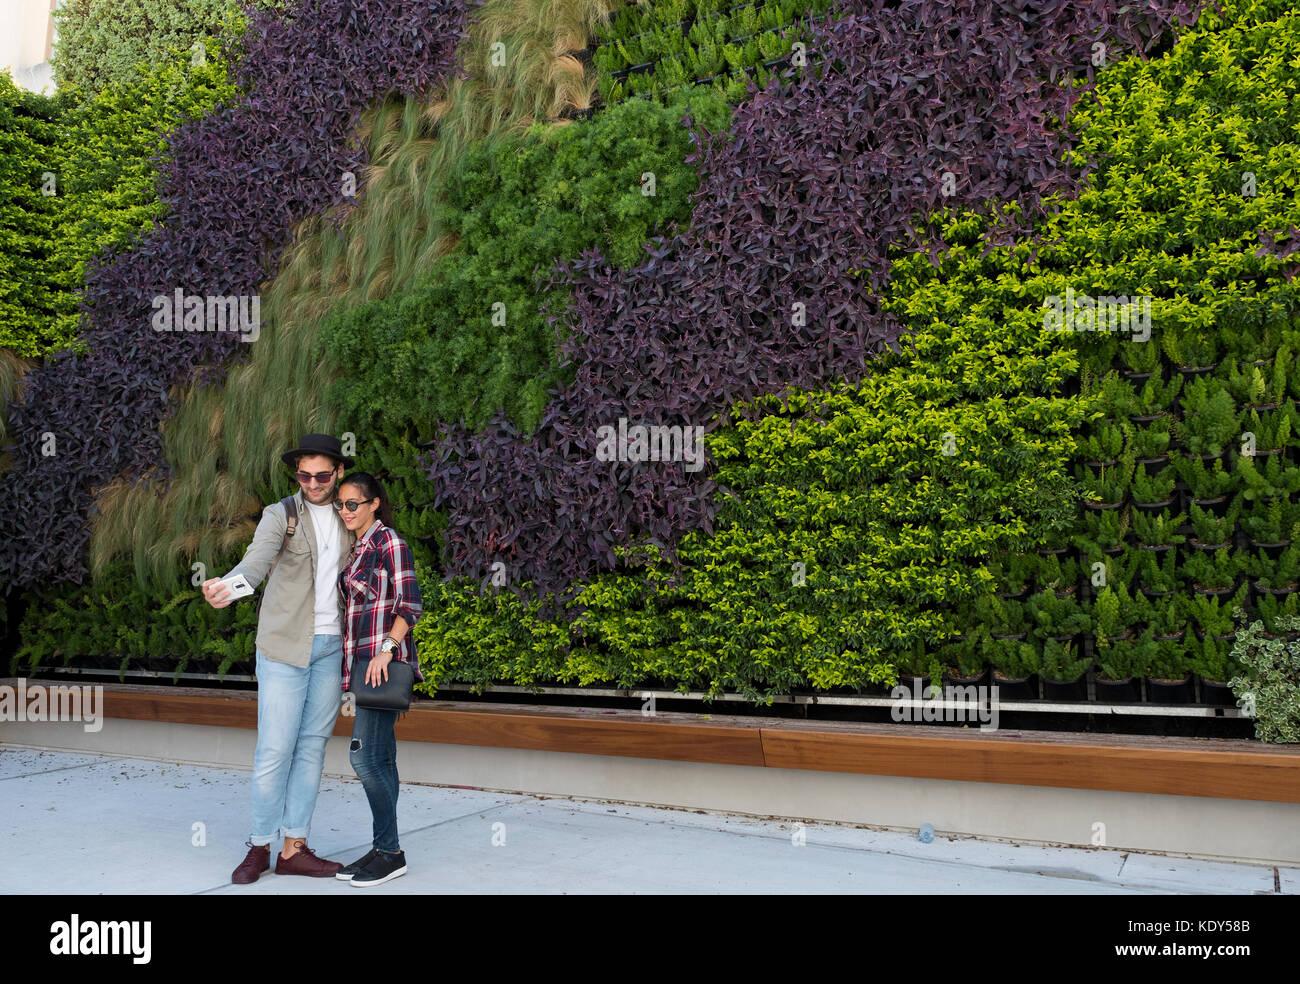 Fabulous il verde muro vivente in paphos citt vecchia for Progettista giardini